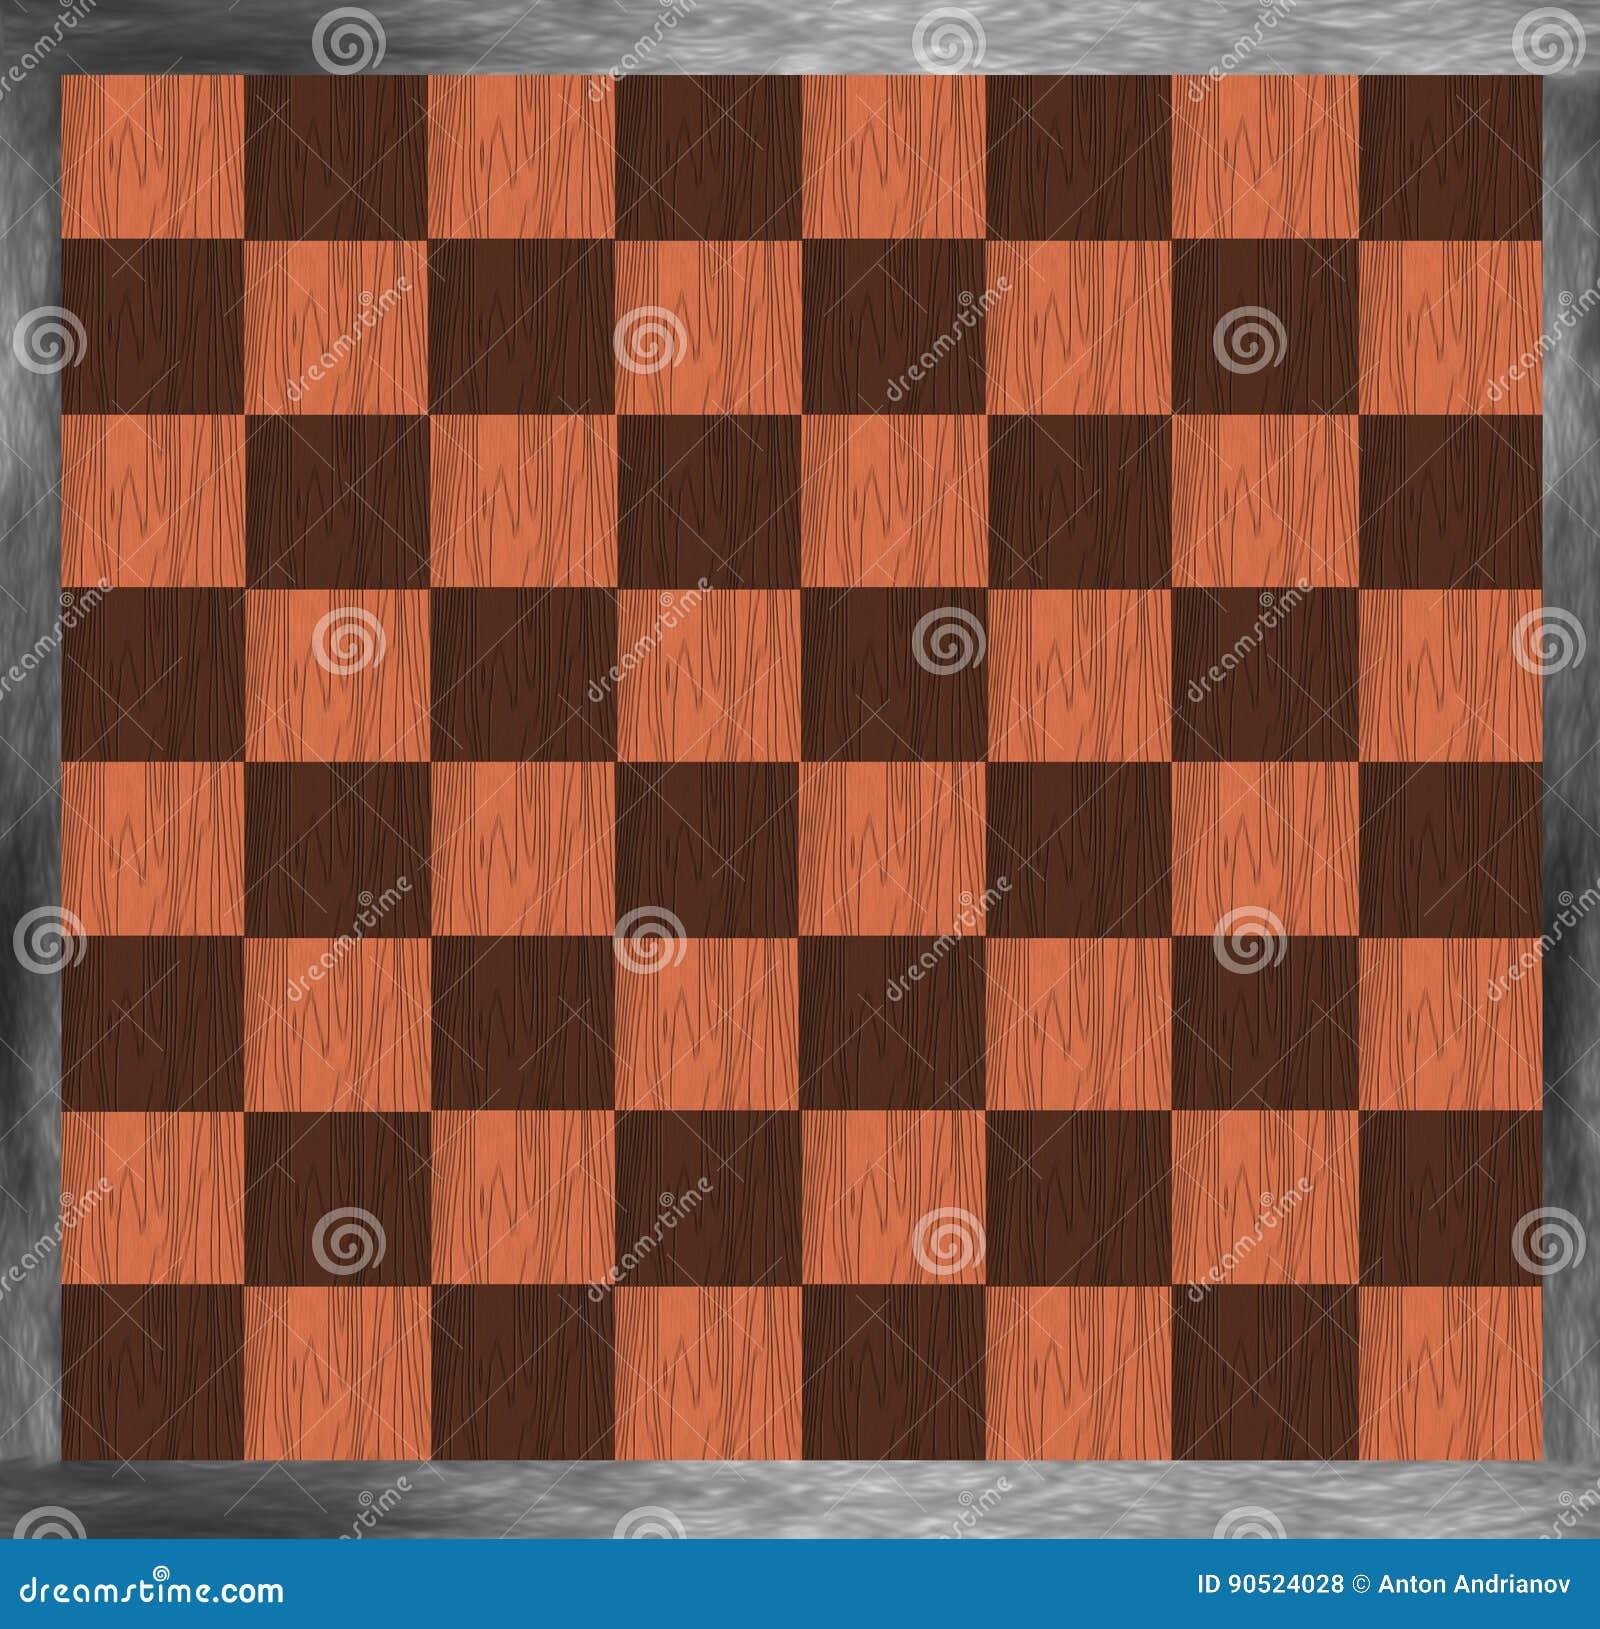 Czarny deskowego czeka koniec gry biznesowego głównej atrakci kumpla strat metafory szachy monochrom nad sukcesem strategii bierz